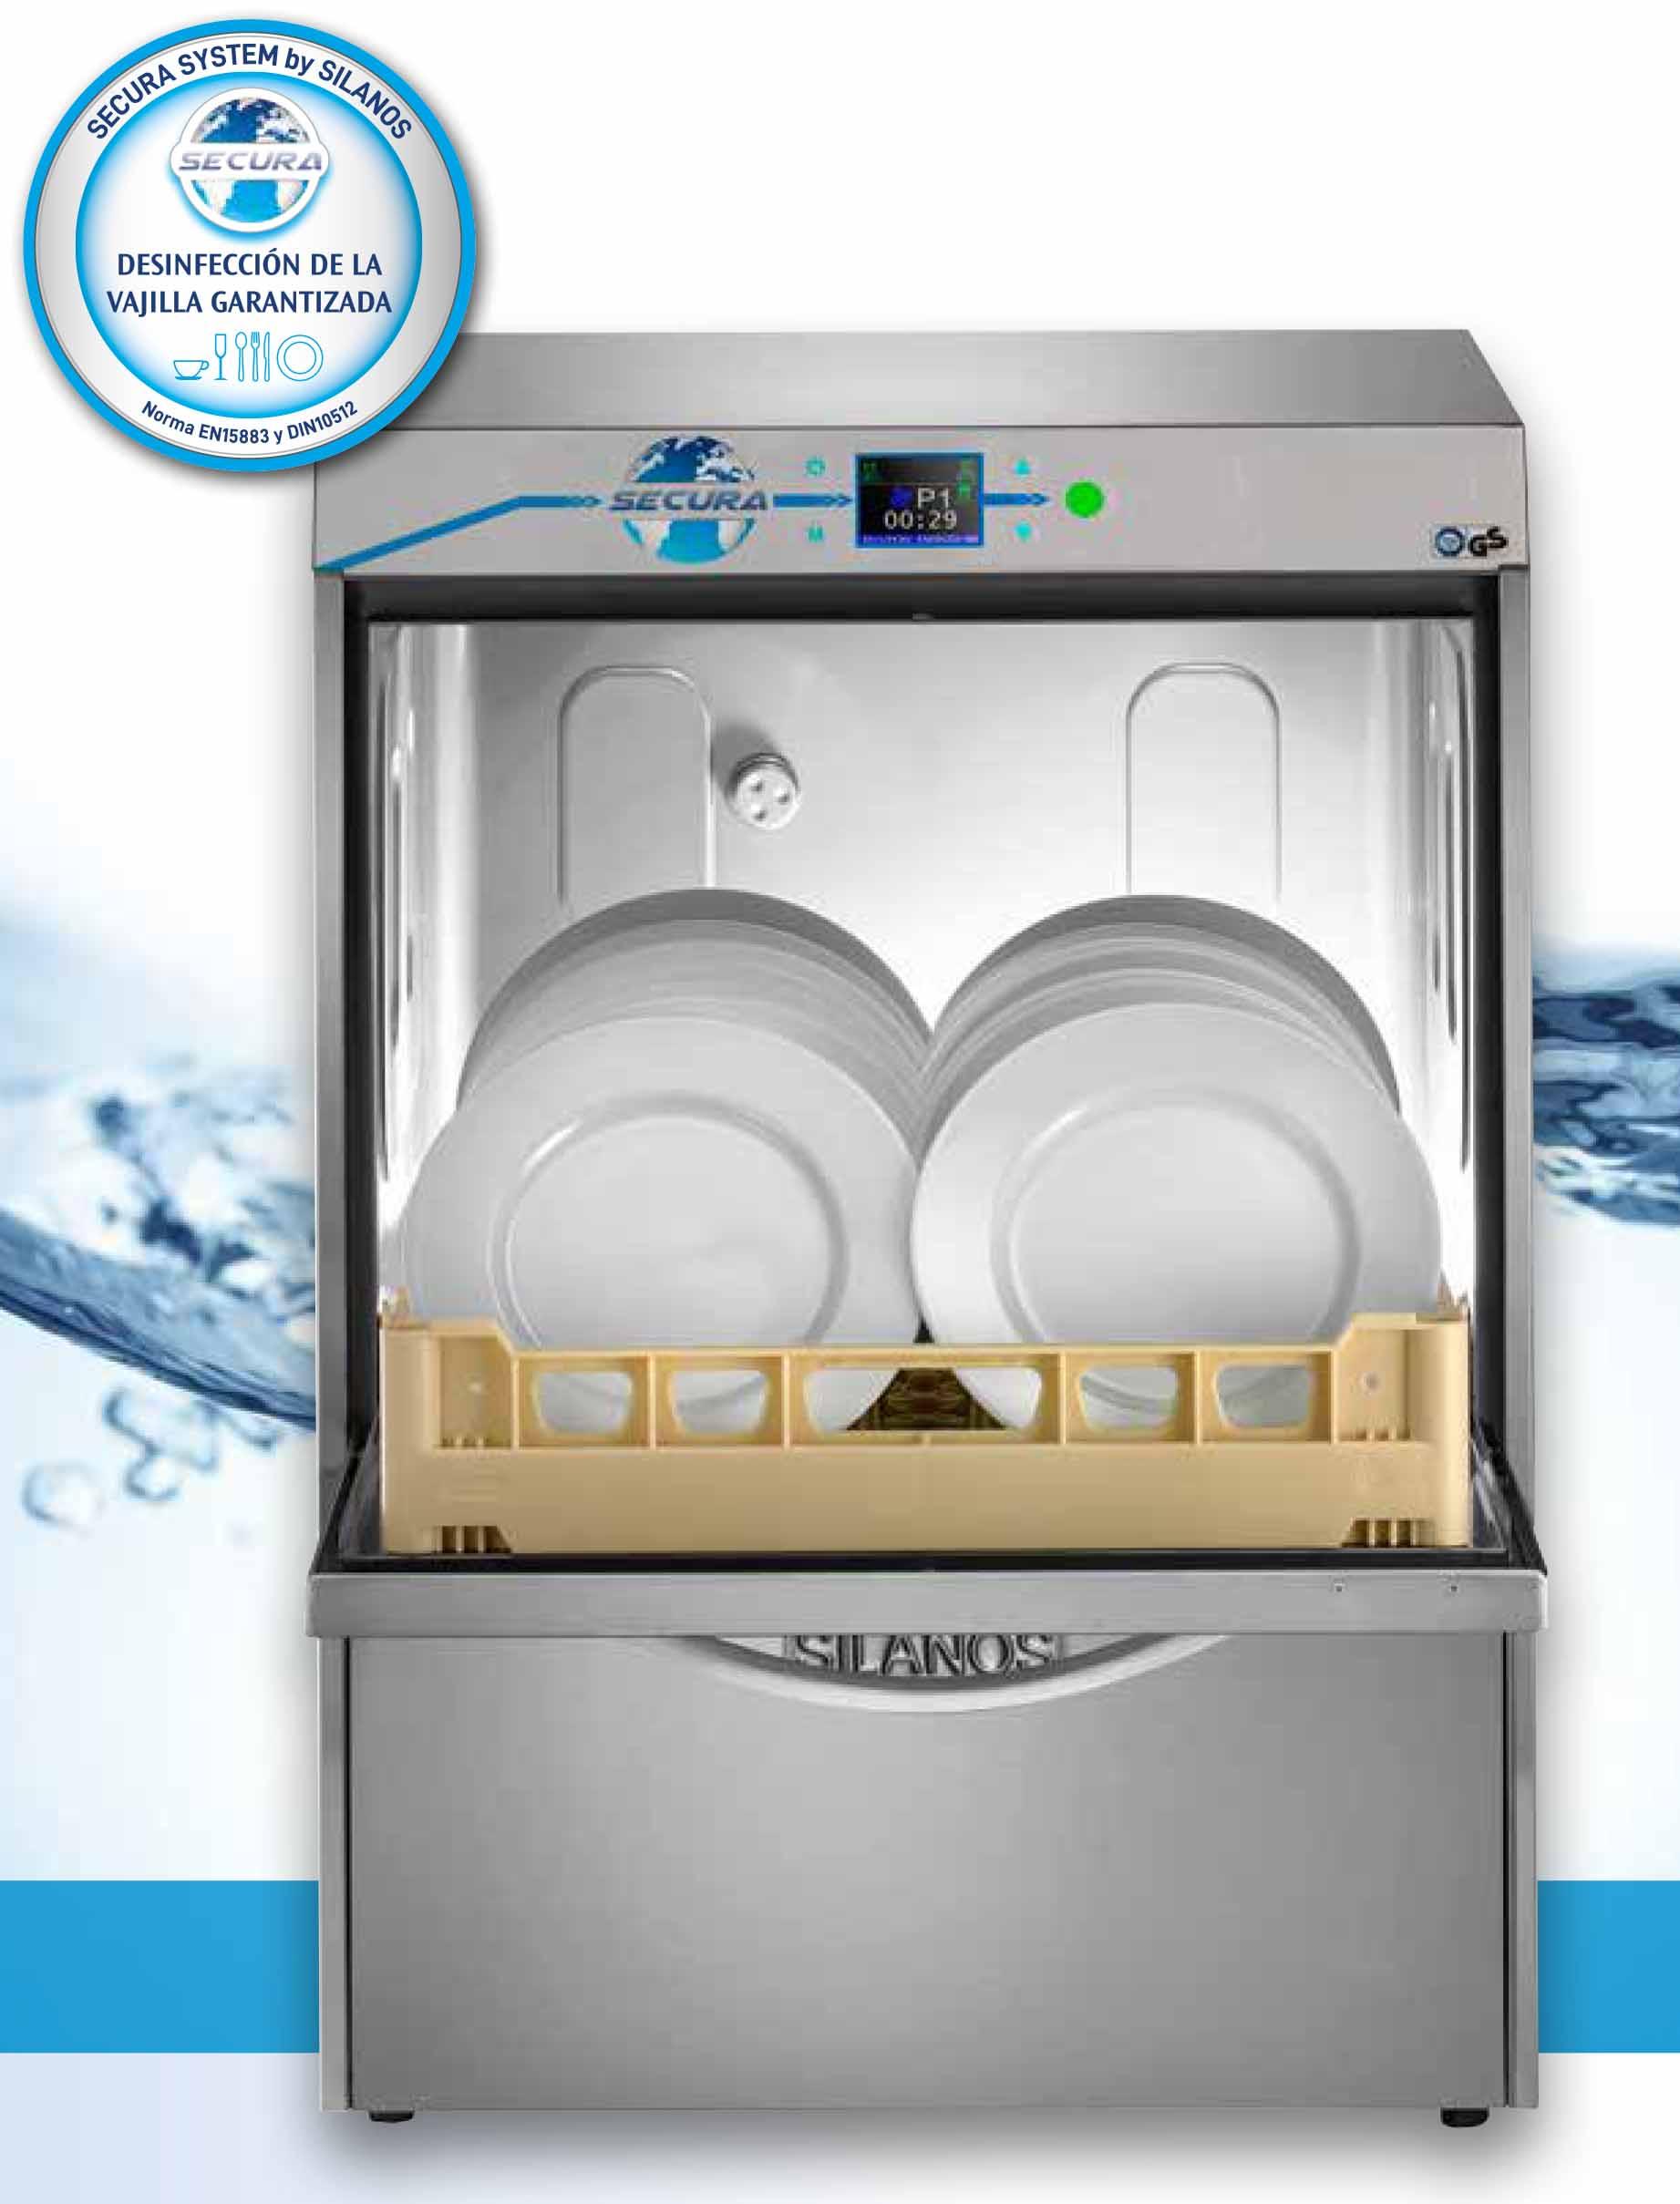 lavavajillas Silanos Secura a060